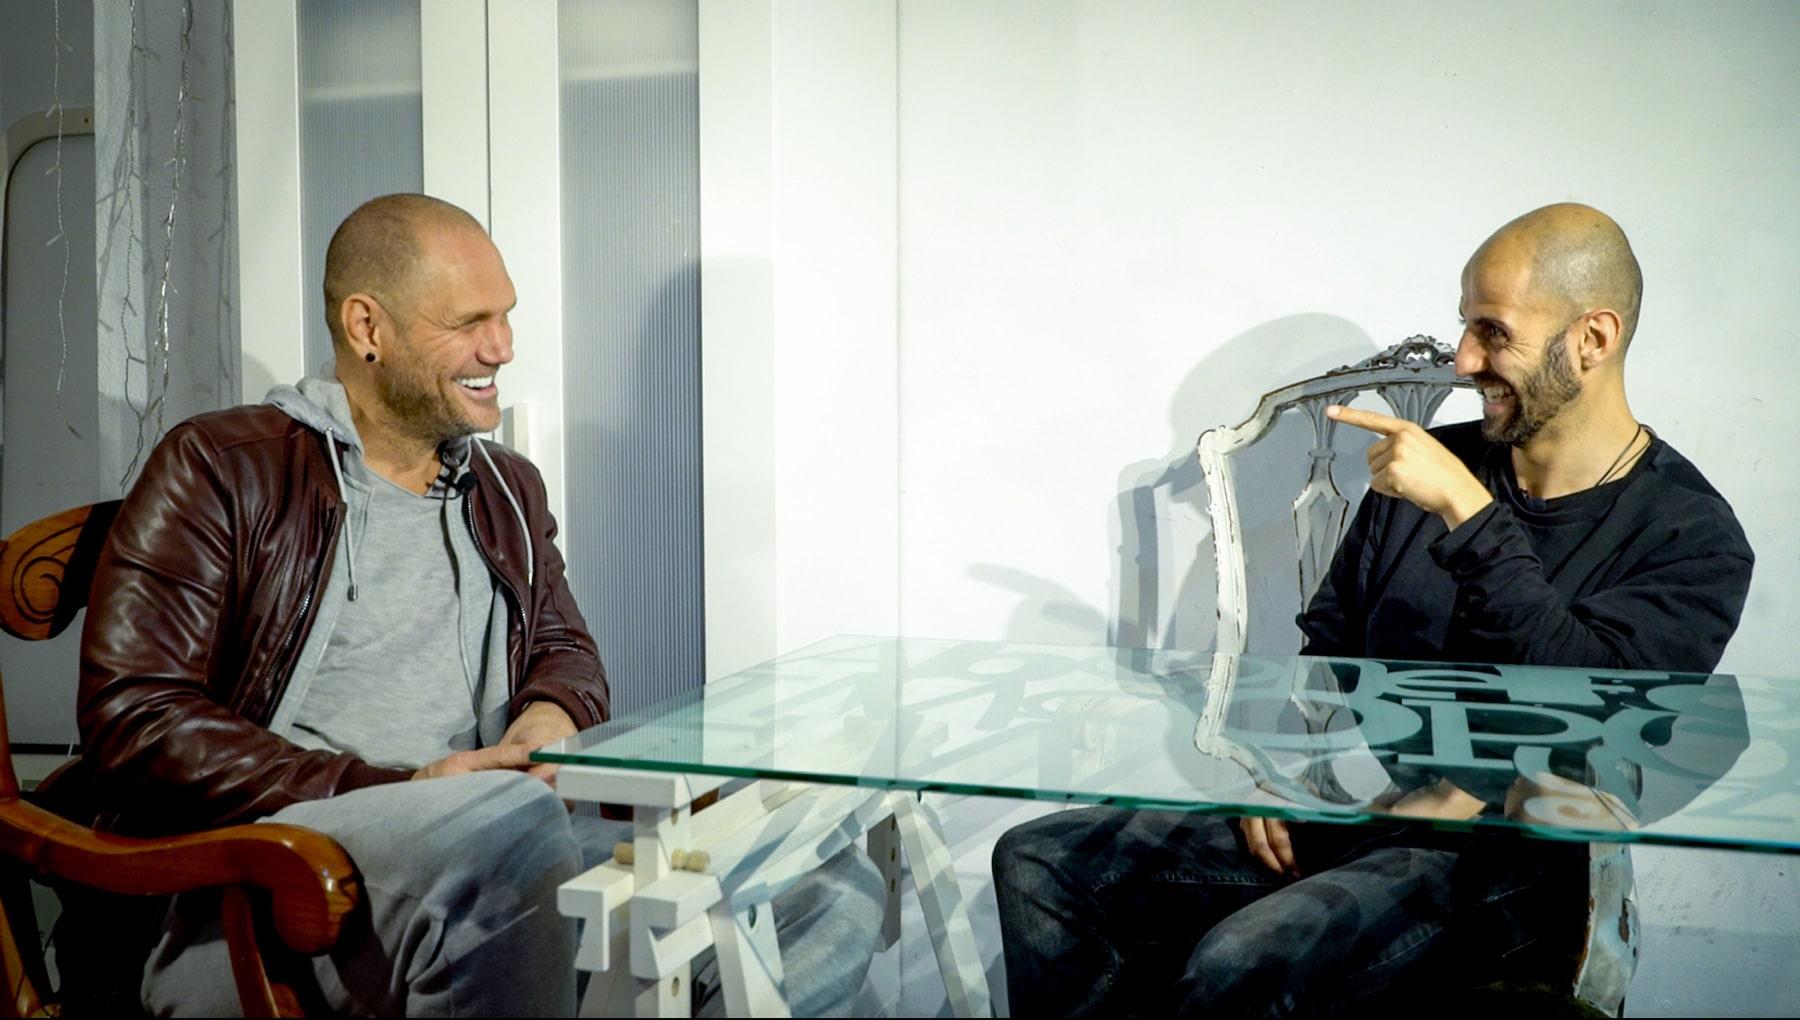 Nacho vida, la entrevista y su historia: su estilo de vida, miedos, proyectos, sueños, motivaciones...